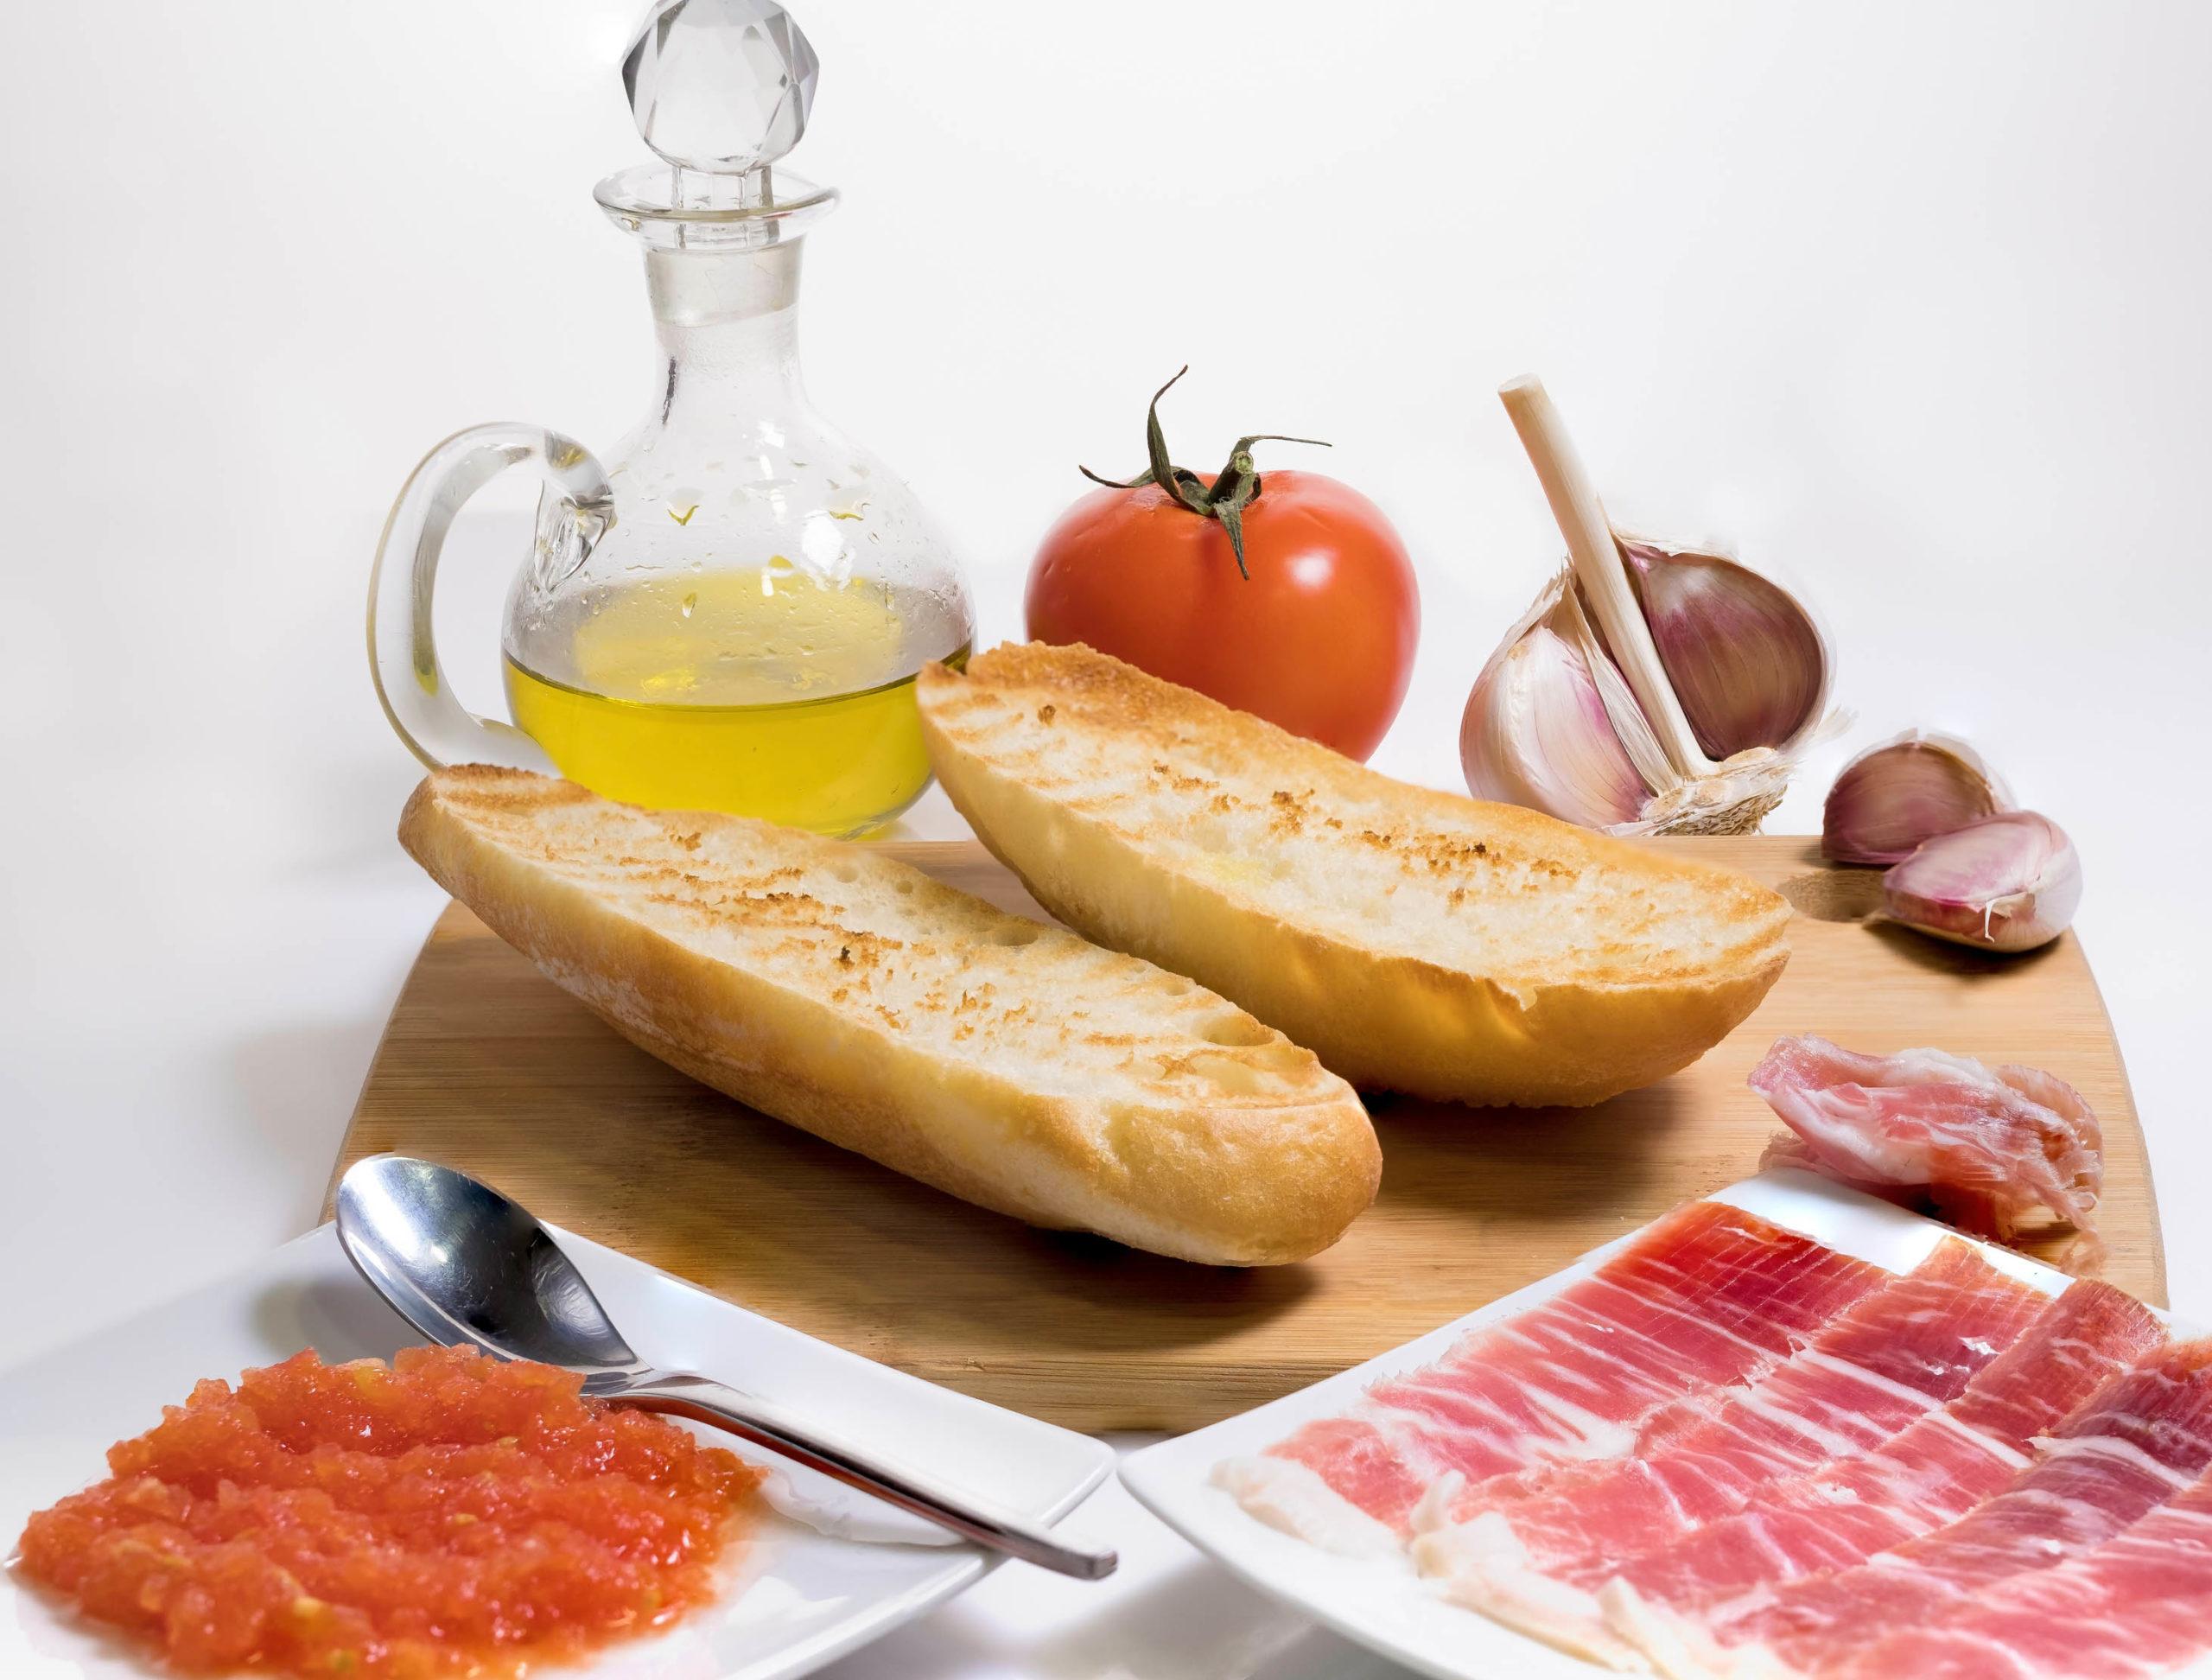 Desayuno ecológico saludable